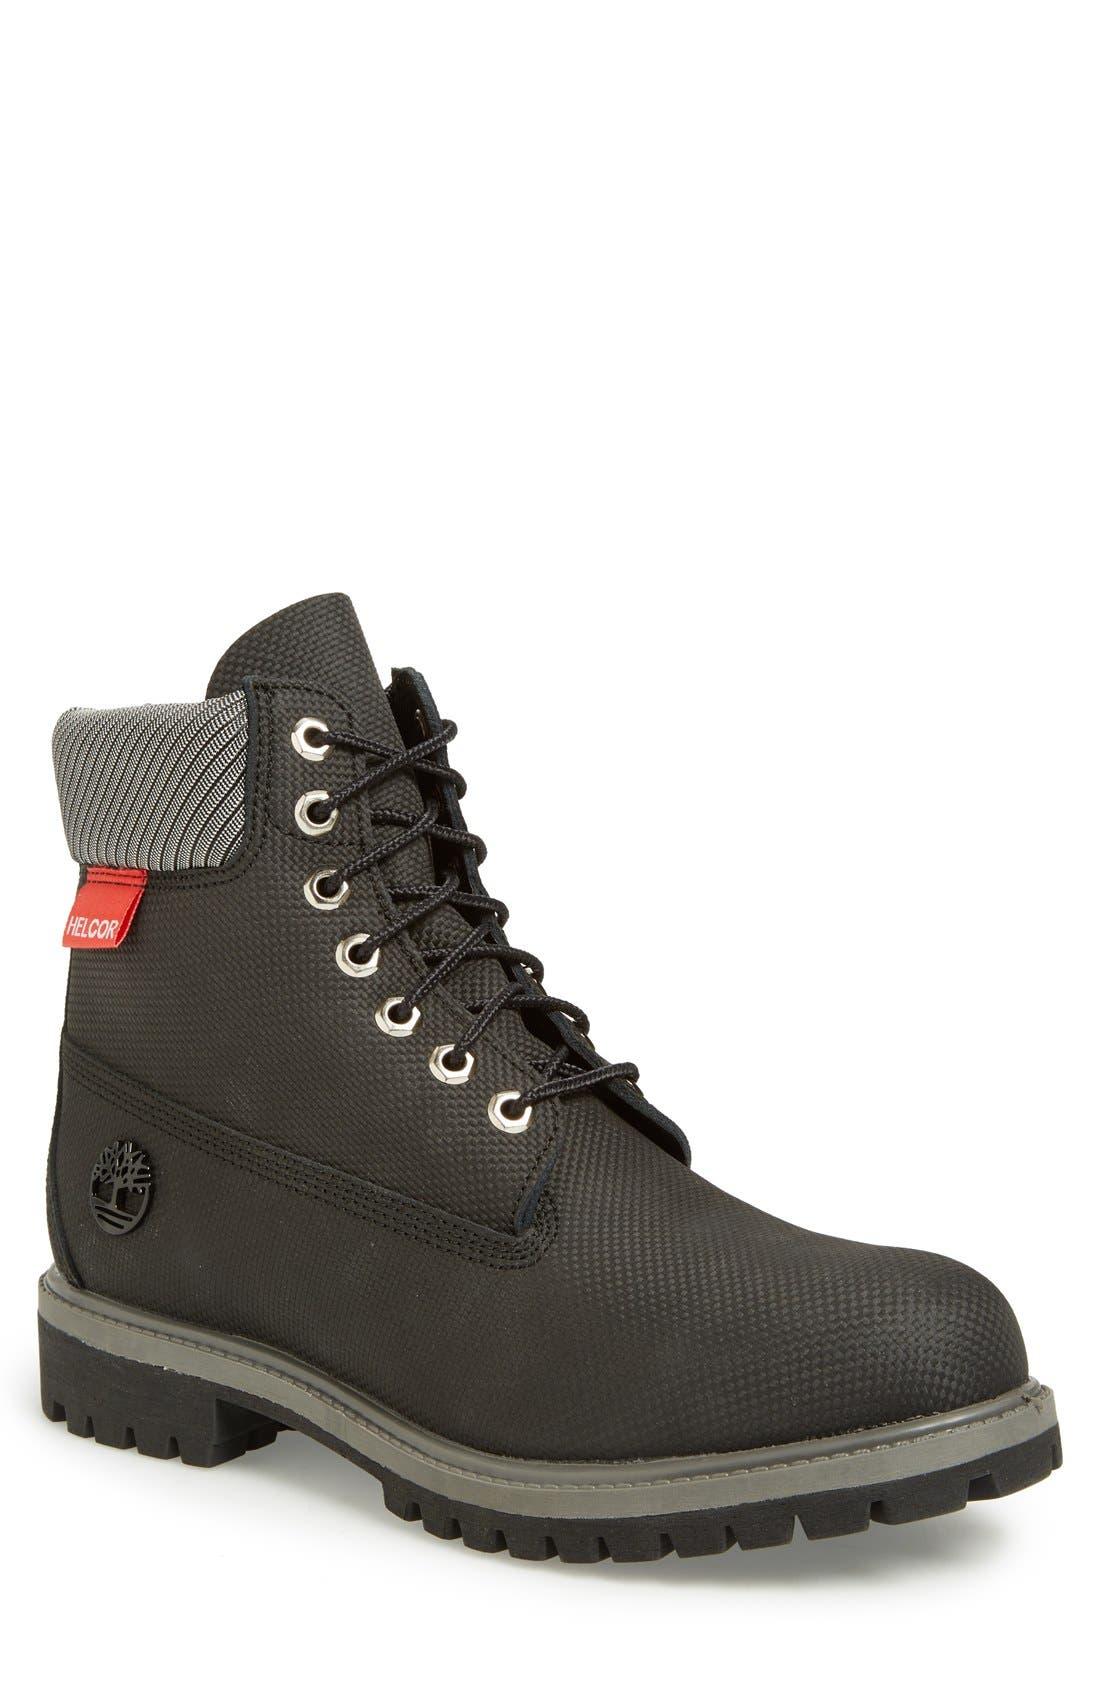 Main Image - Timberland 'Premium' Waterproof Plain Toe Boot (Men)